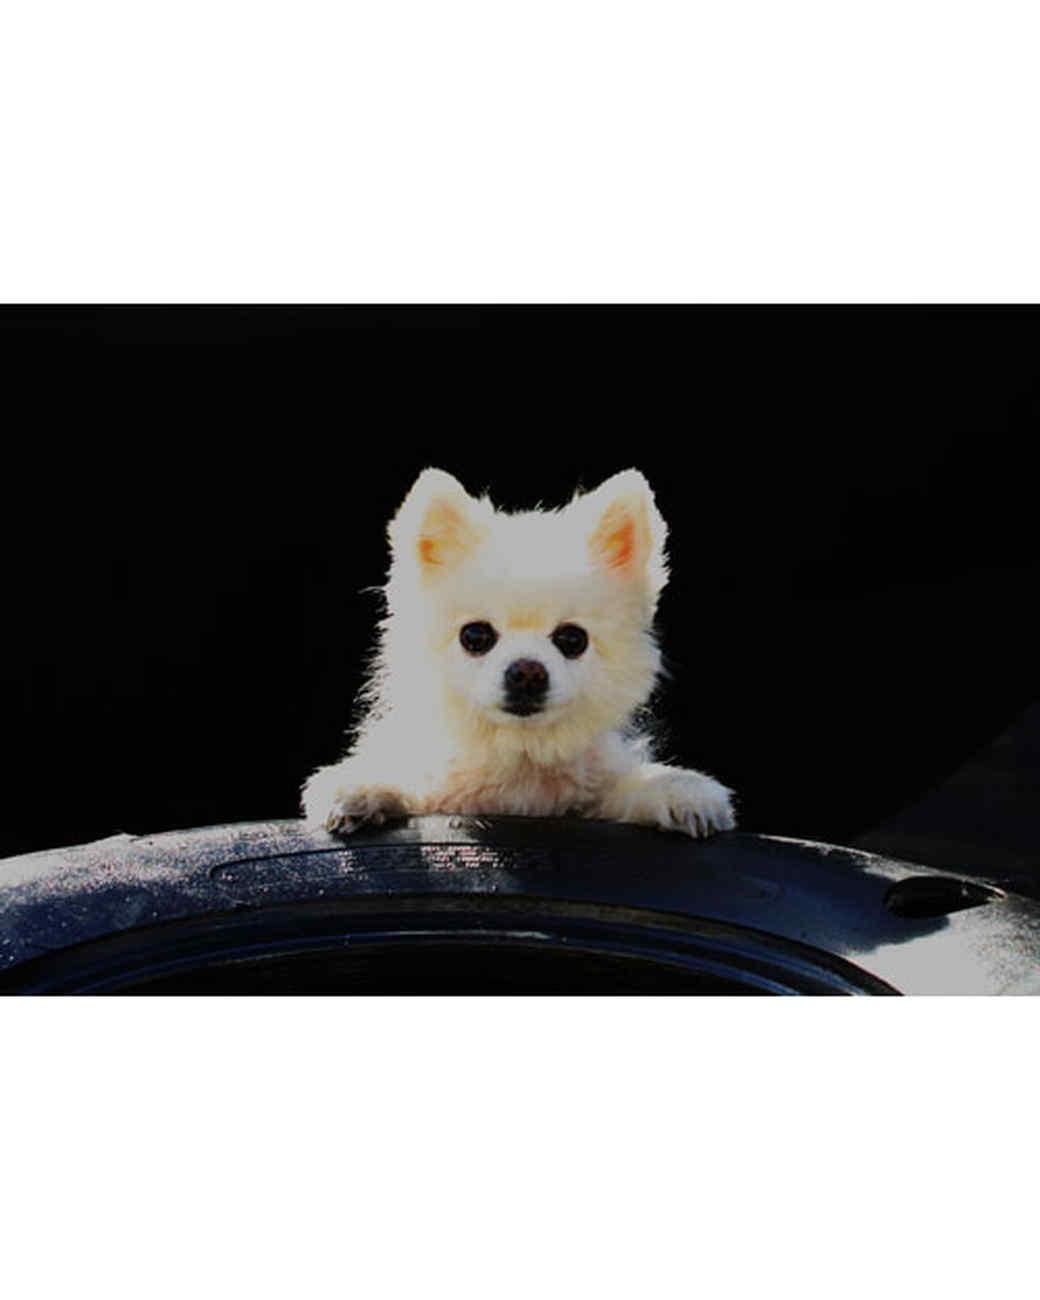 pets-at-play-0311-13122982_26478336.jpg